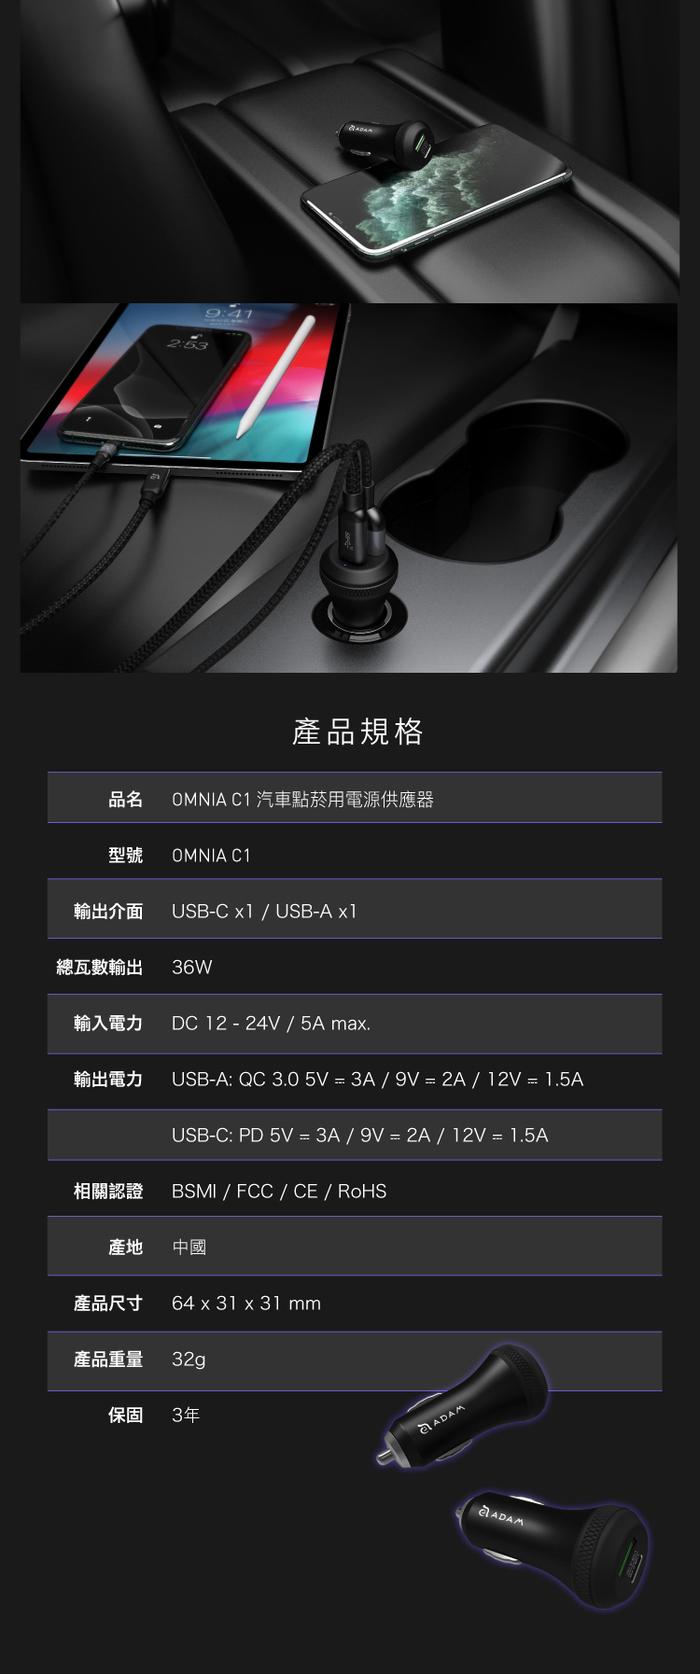 ADAM|OMNIA C1 USB-C PD & QC 36W 雙口極速車充